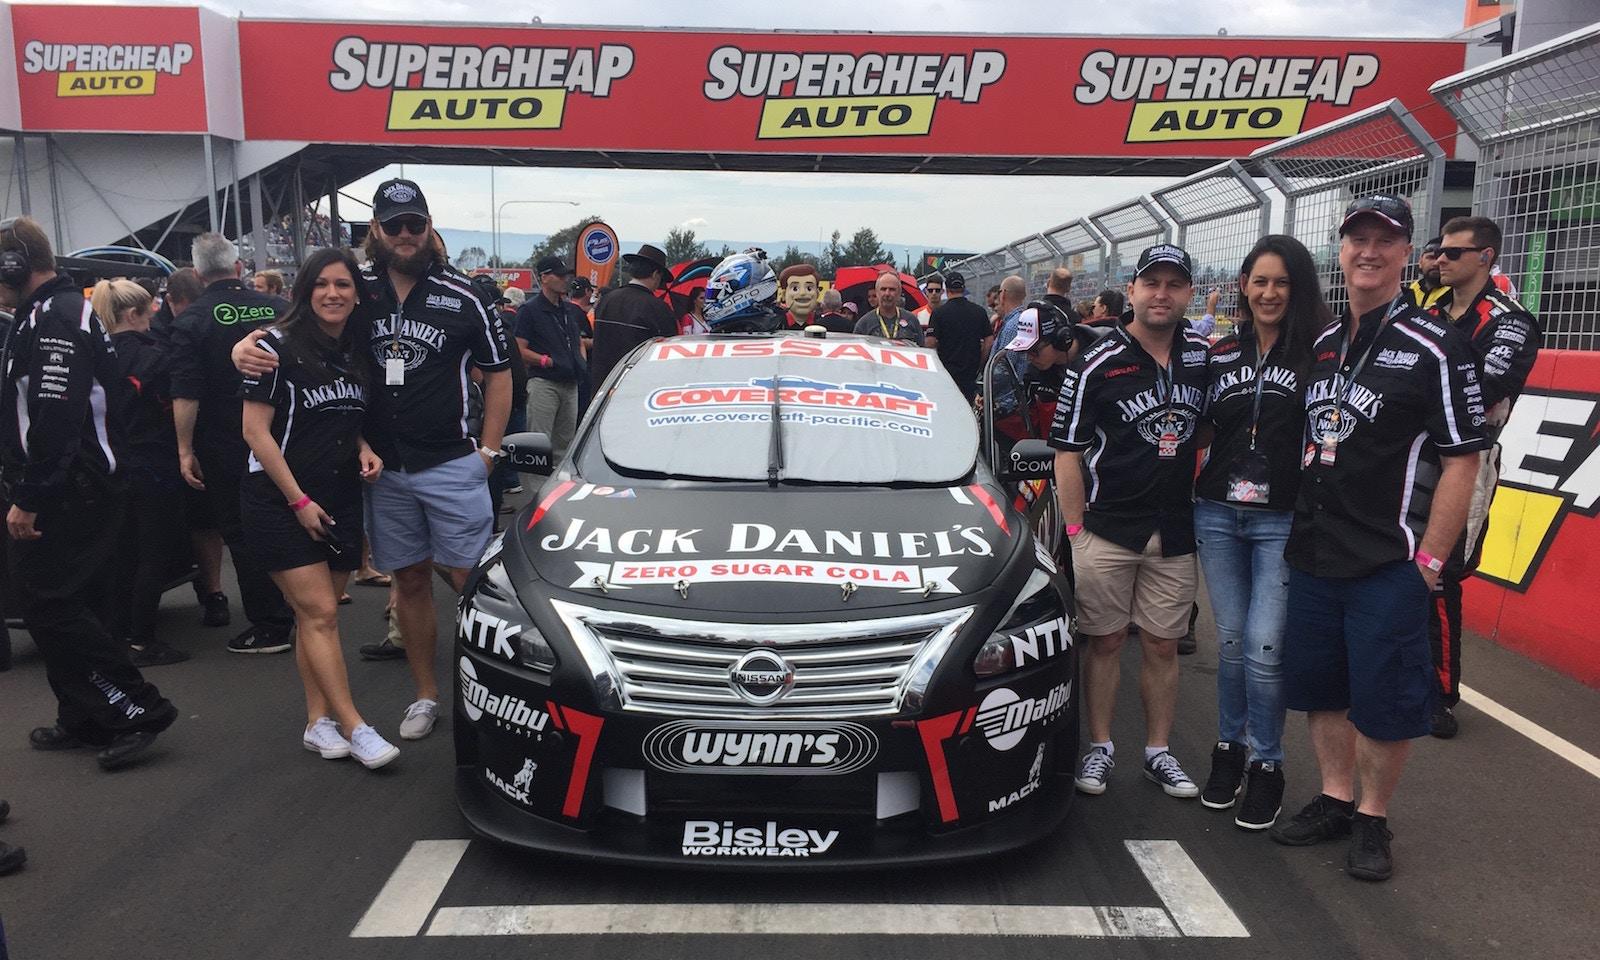 2018 Supercheap Auto Bathurst 1000 Experiences